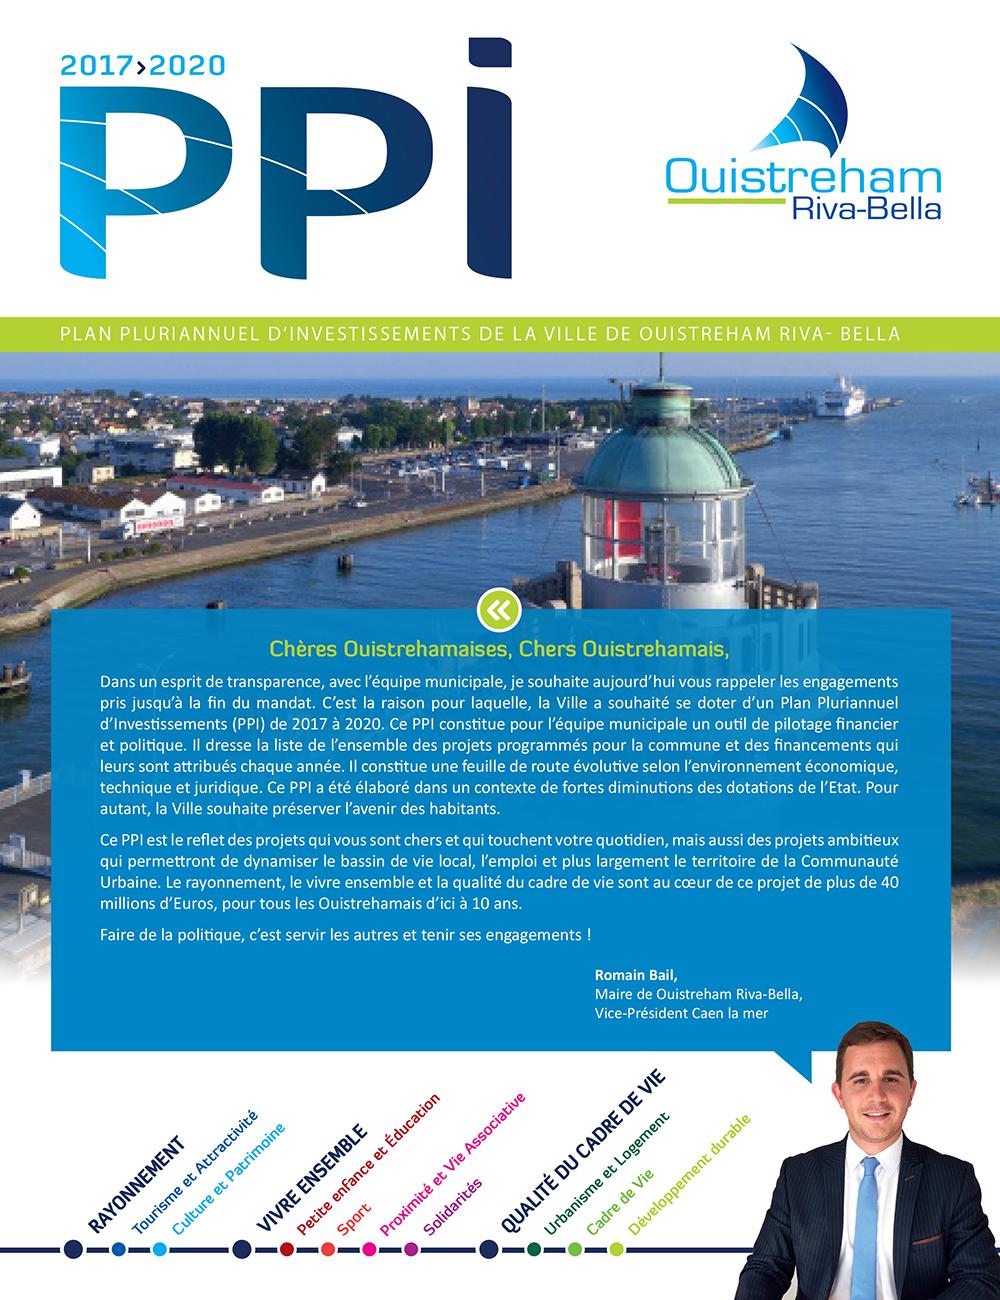 PPI 2017